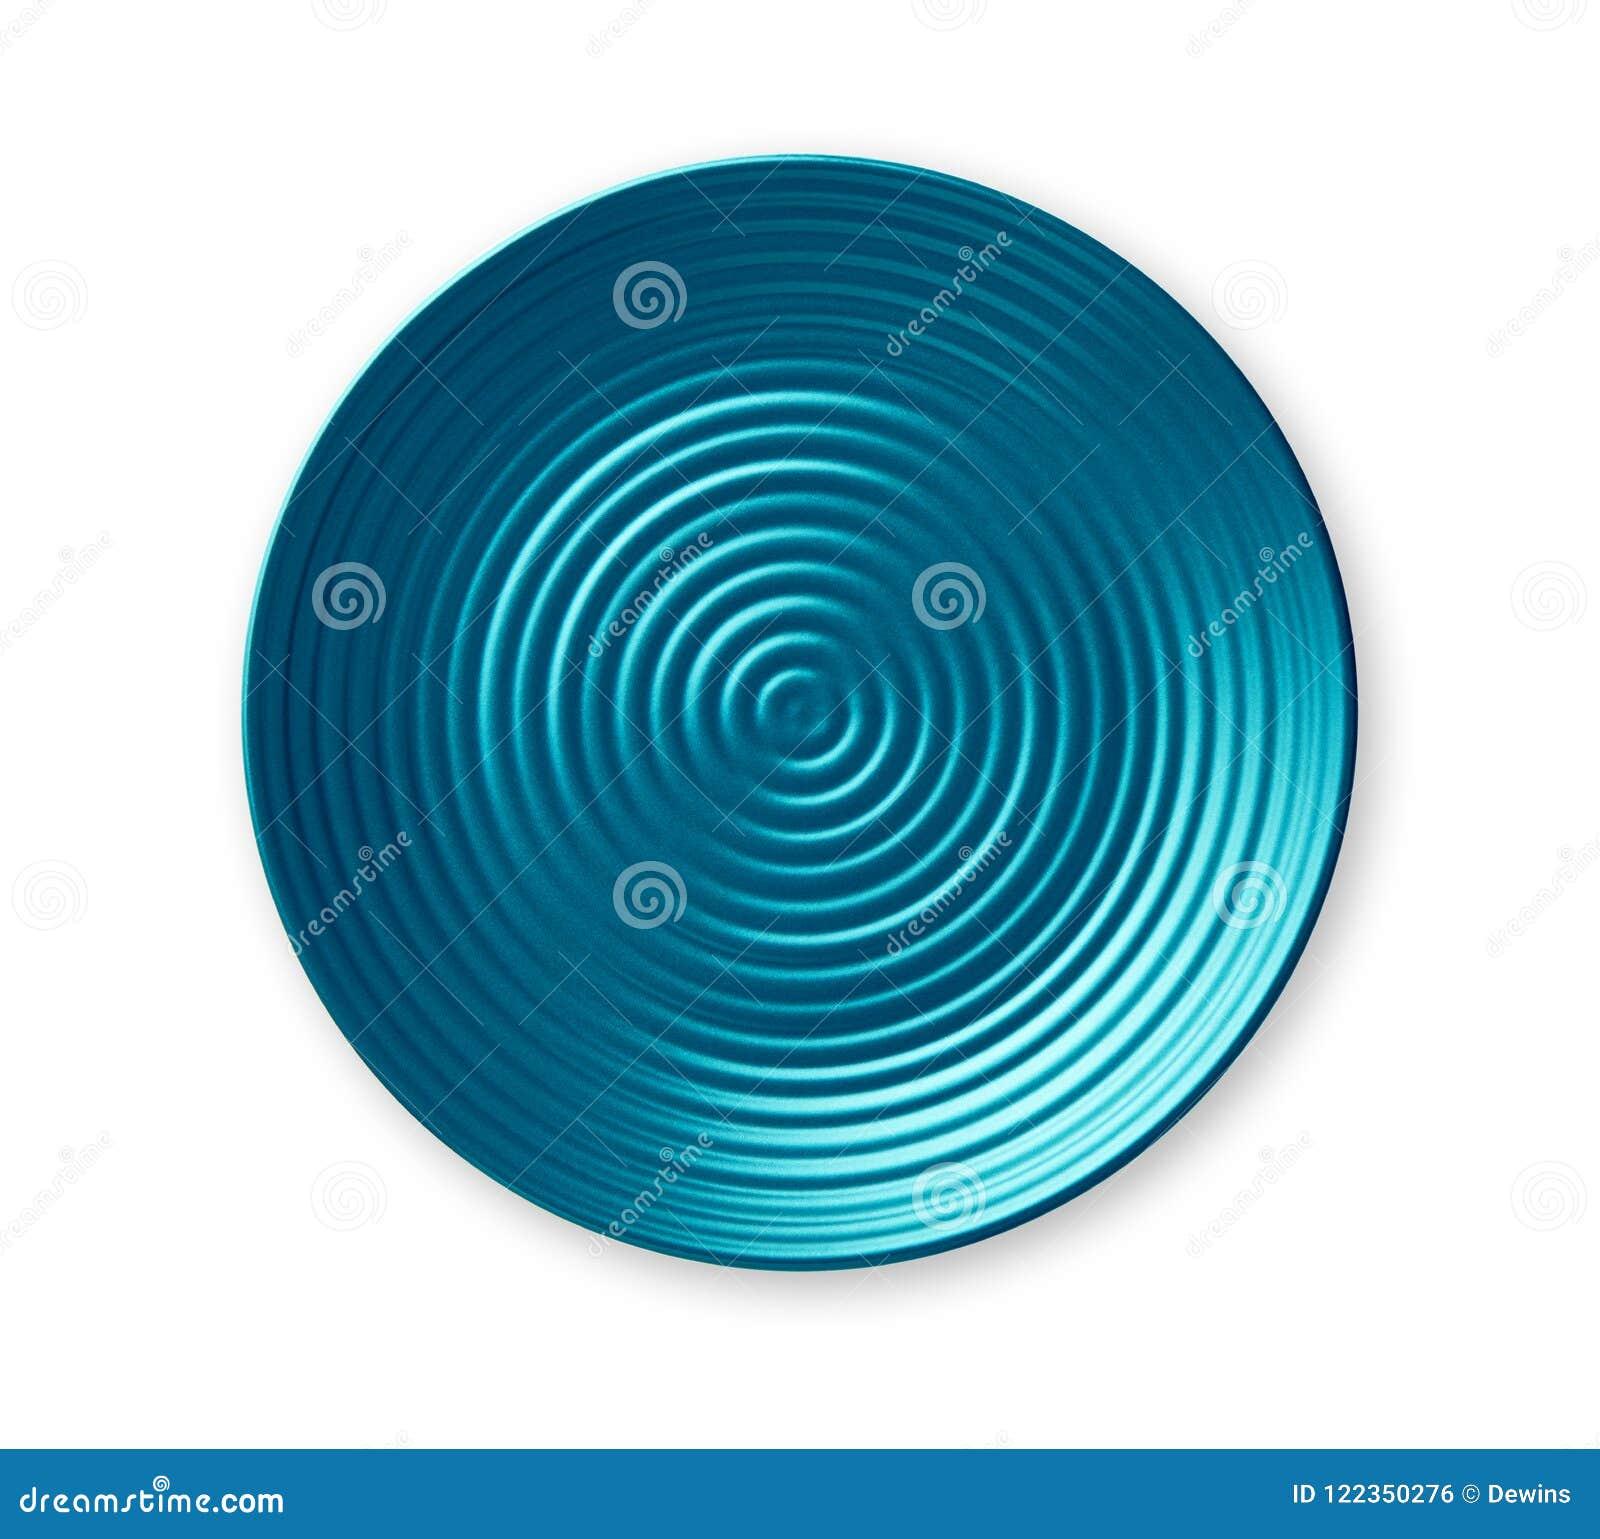 Platte der konzentrischen Kreise, leere blaue keramische Platte im gewellten Profil, Ansicht von oben lokalisiert auf weißem Hint